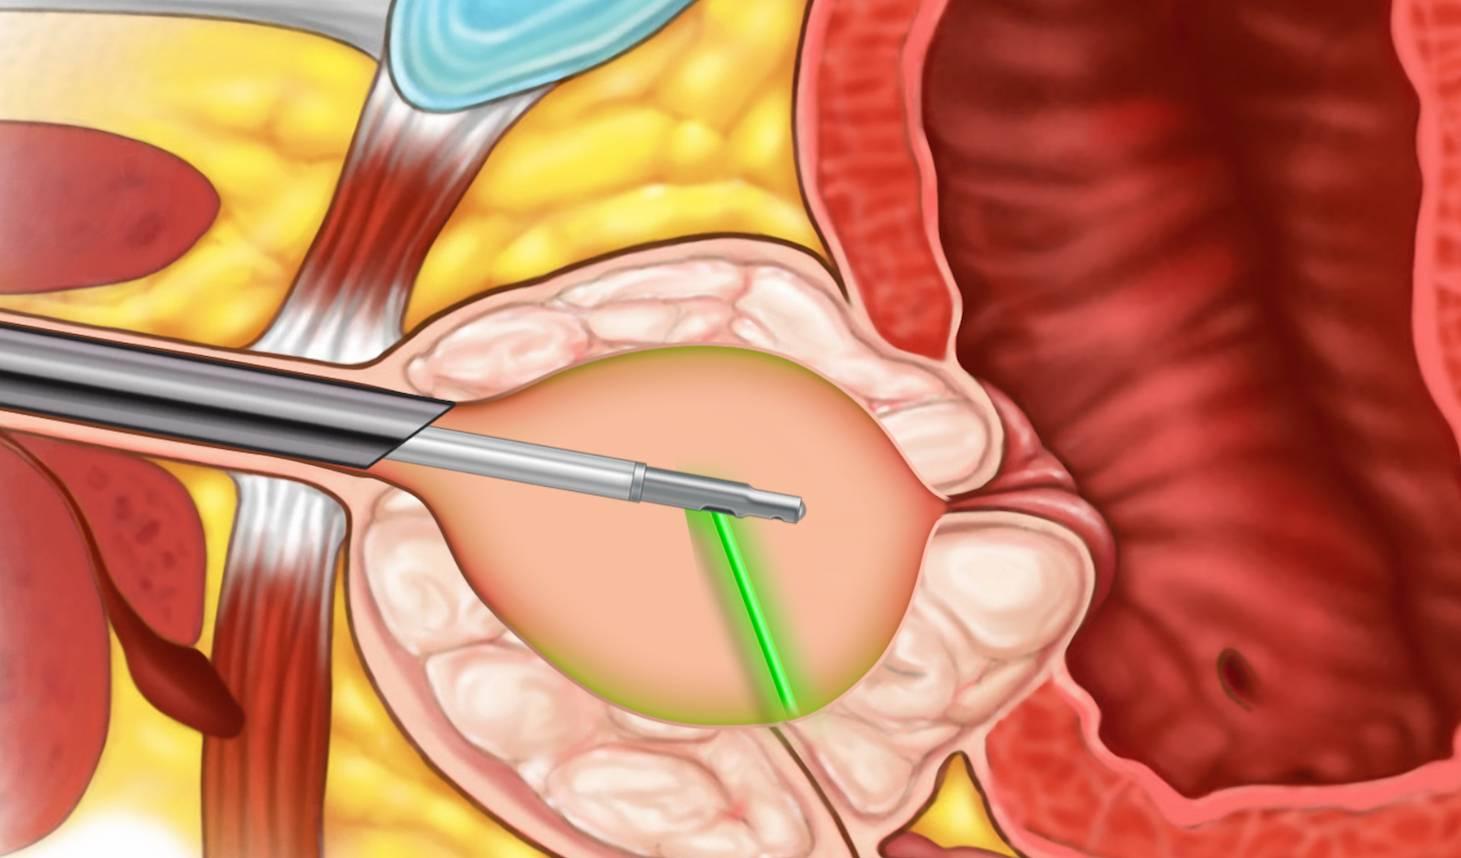 Марсупиализация кисты бартолиновой железы: описание методик лечения, последствия, советы специалистов